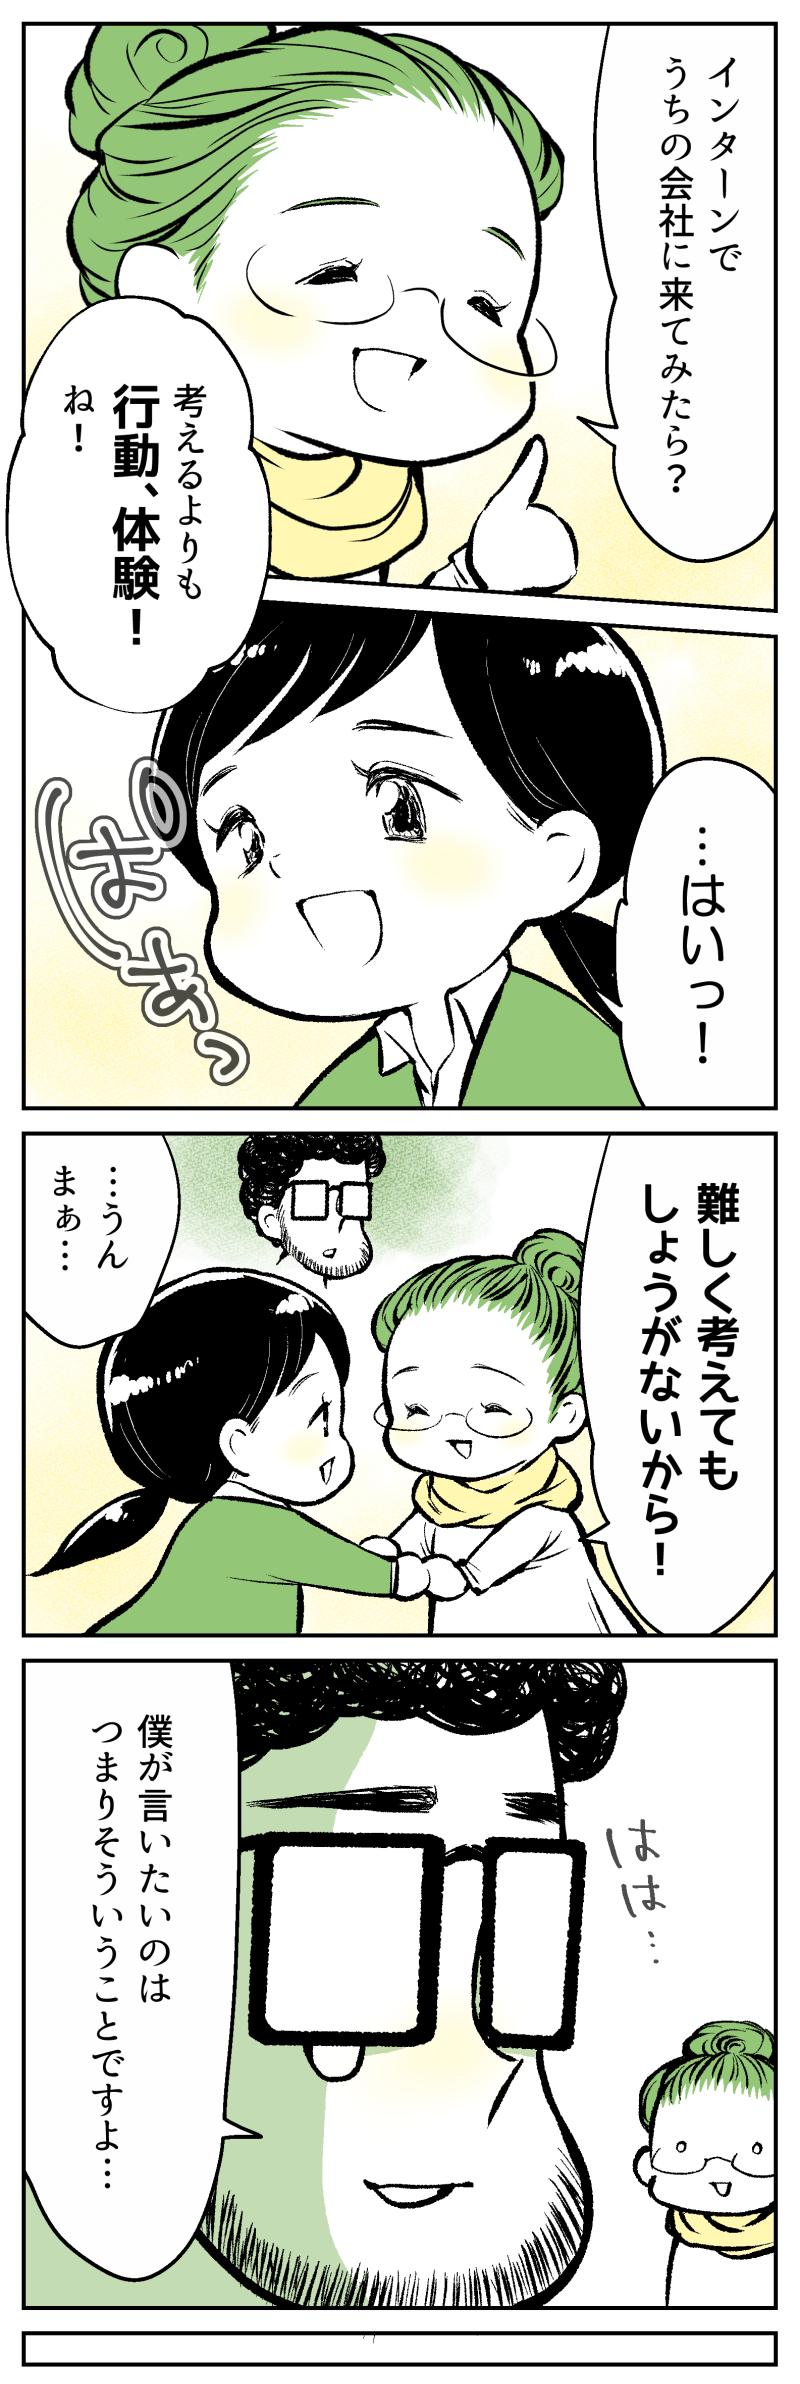 伯爵3話_007.jpg